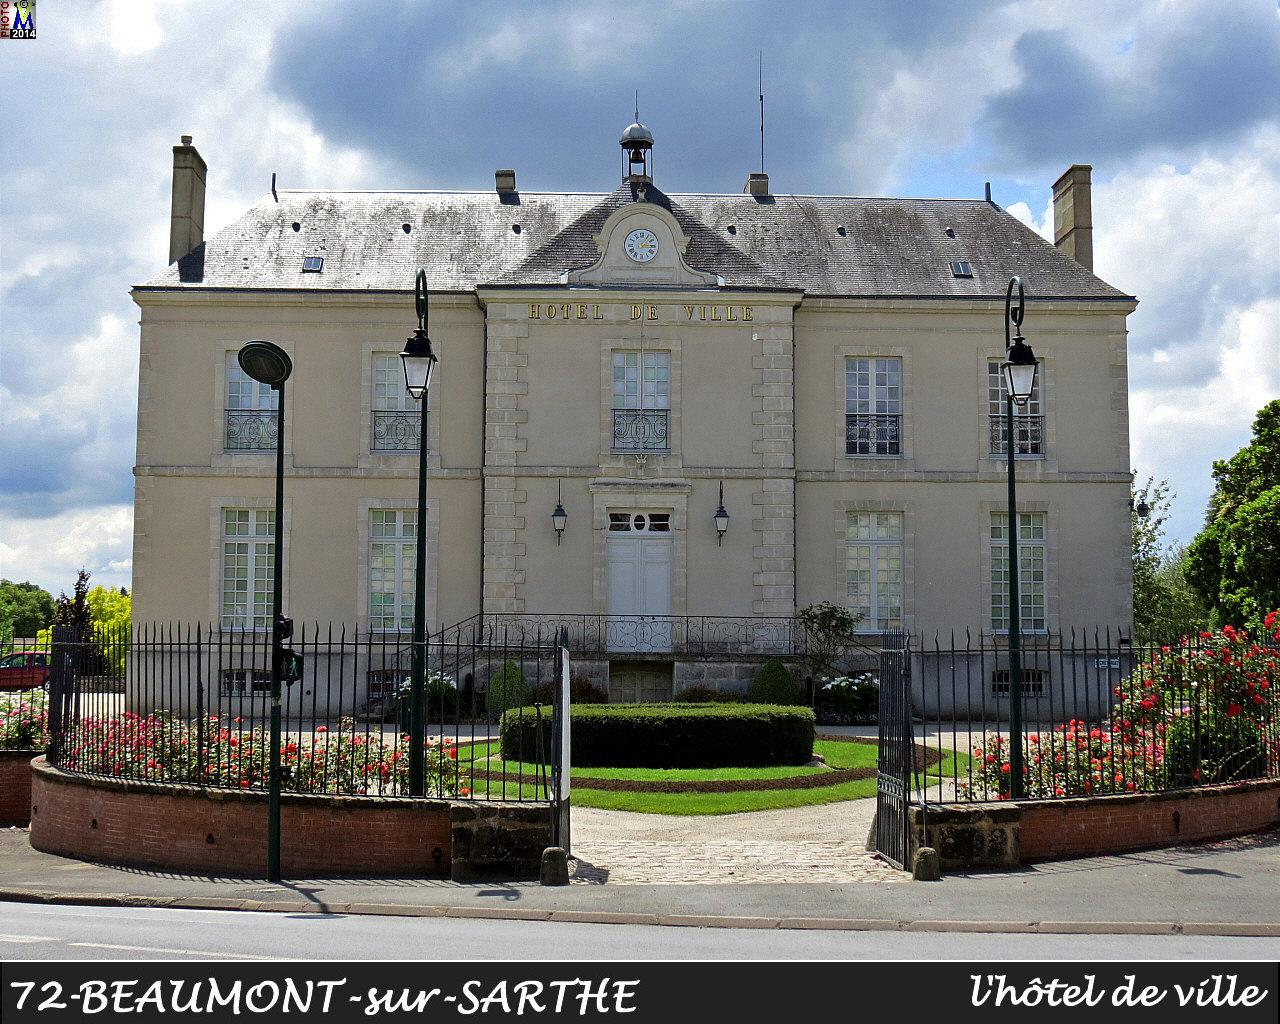 SARTHE - Photos de la commune de Beaumont-sur-Sarthe